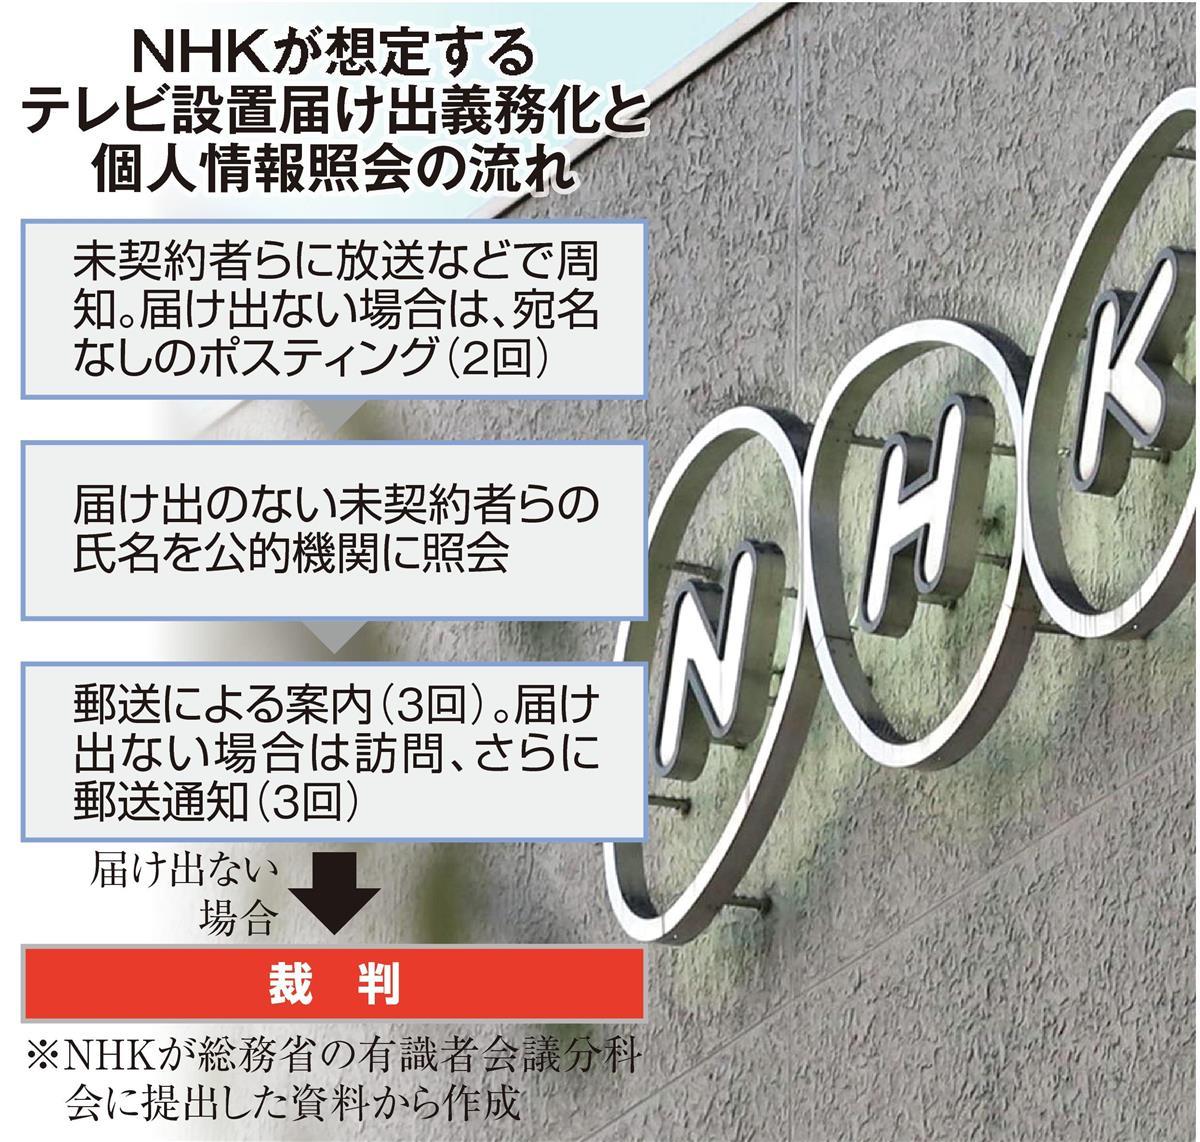 放送 Nhk 解約 衛星